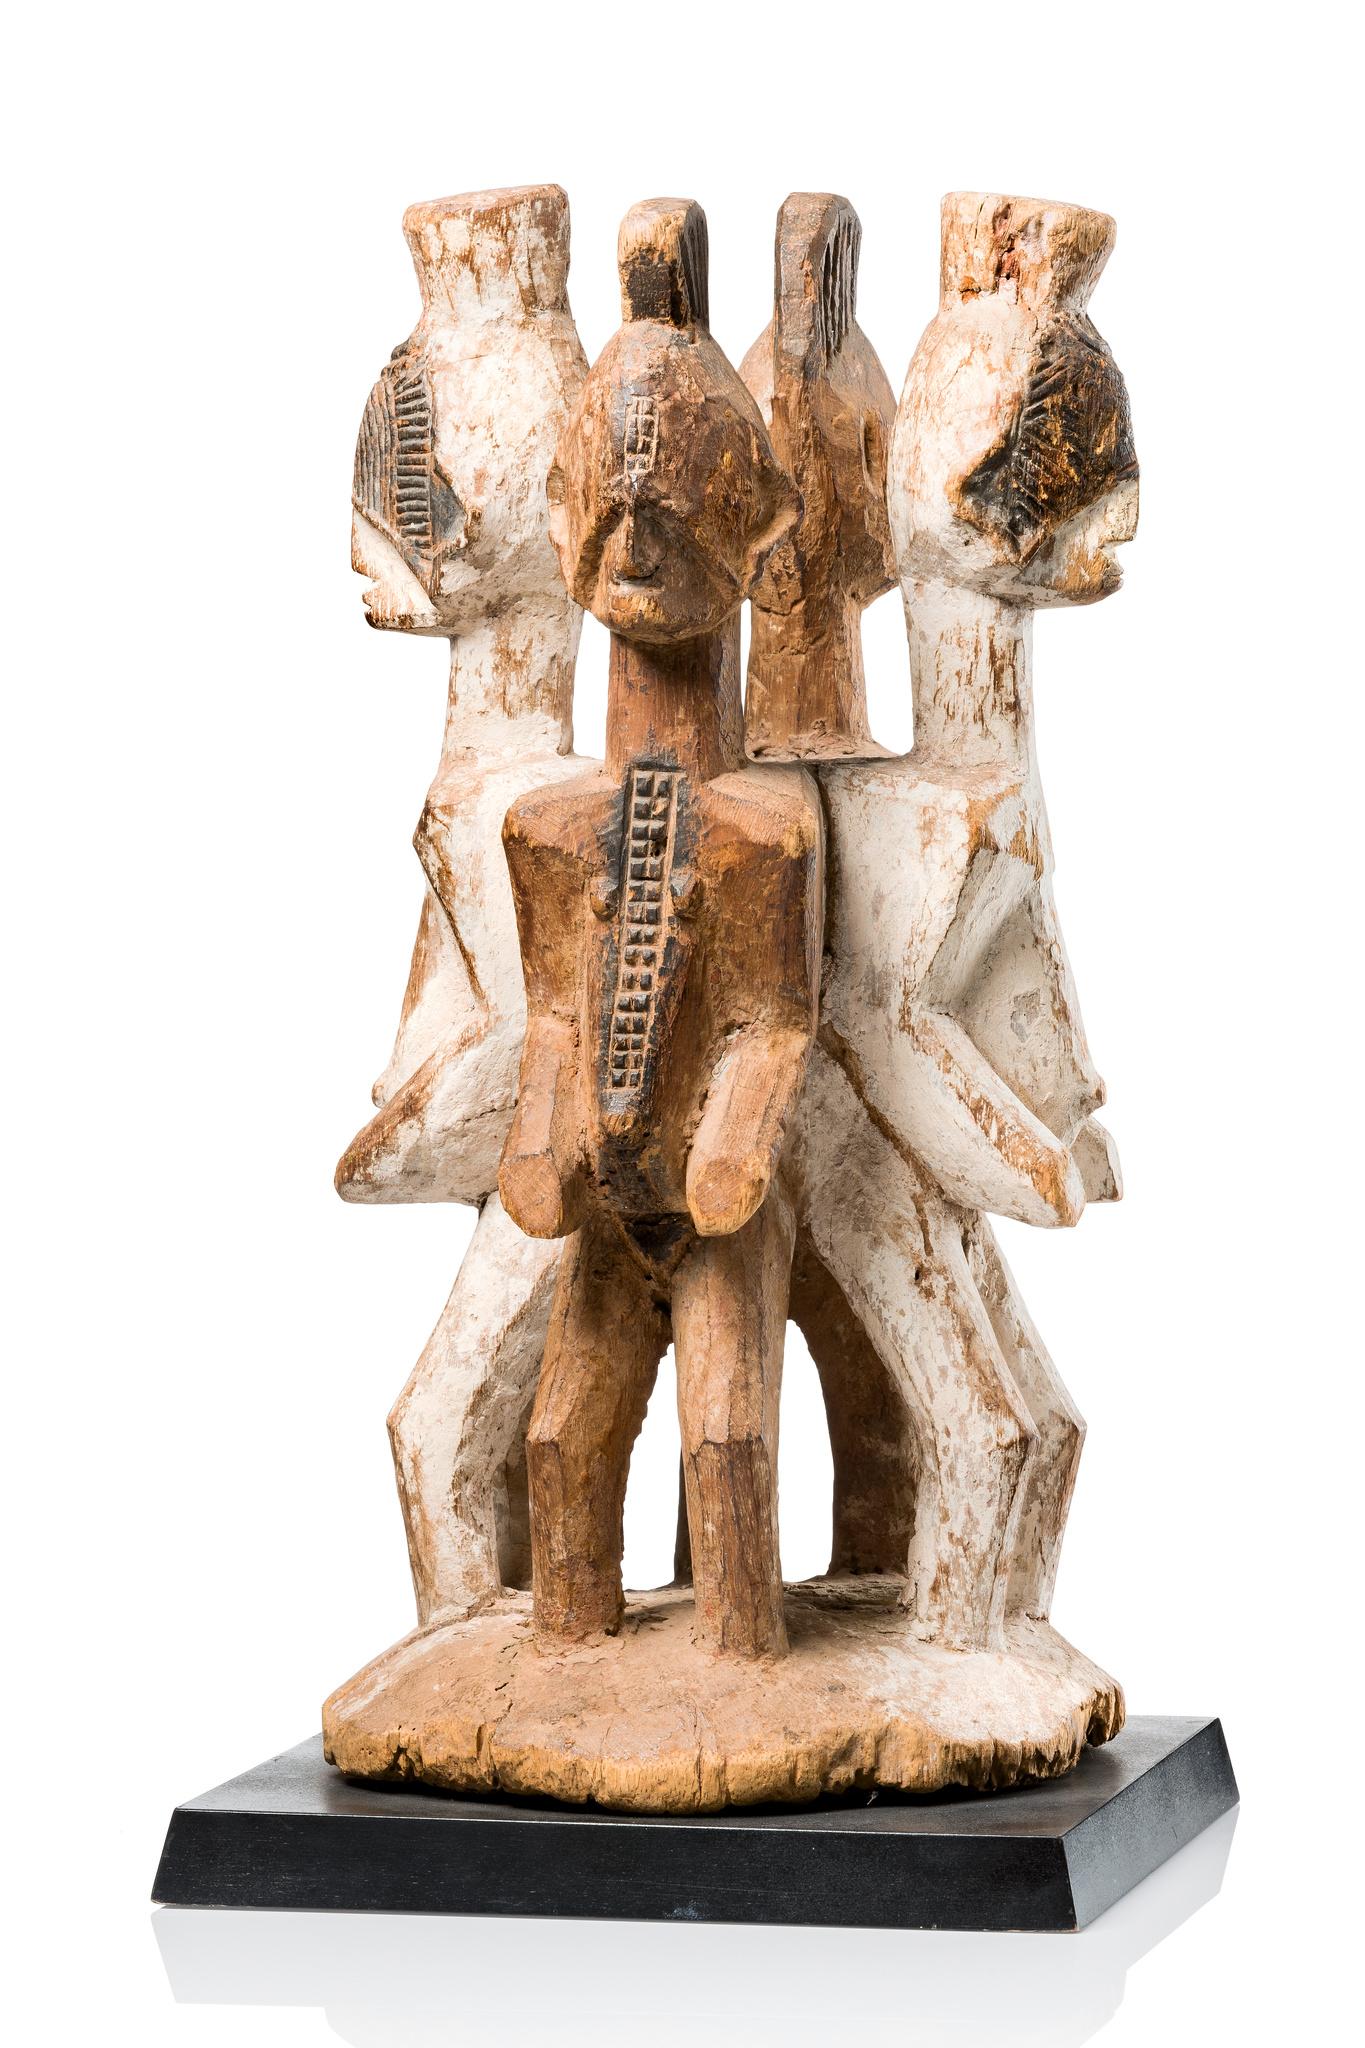 Four-figured shrine sculpture